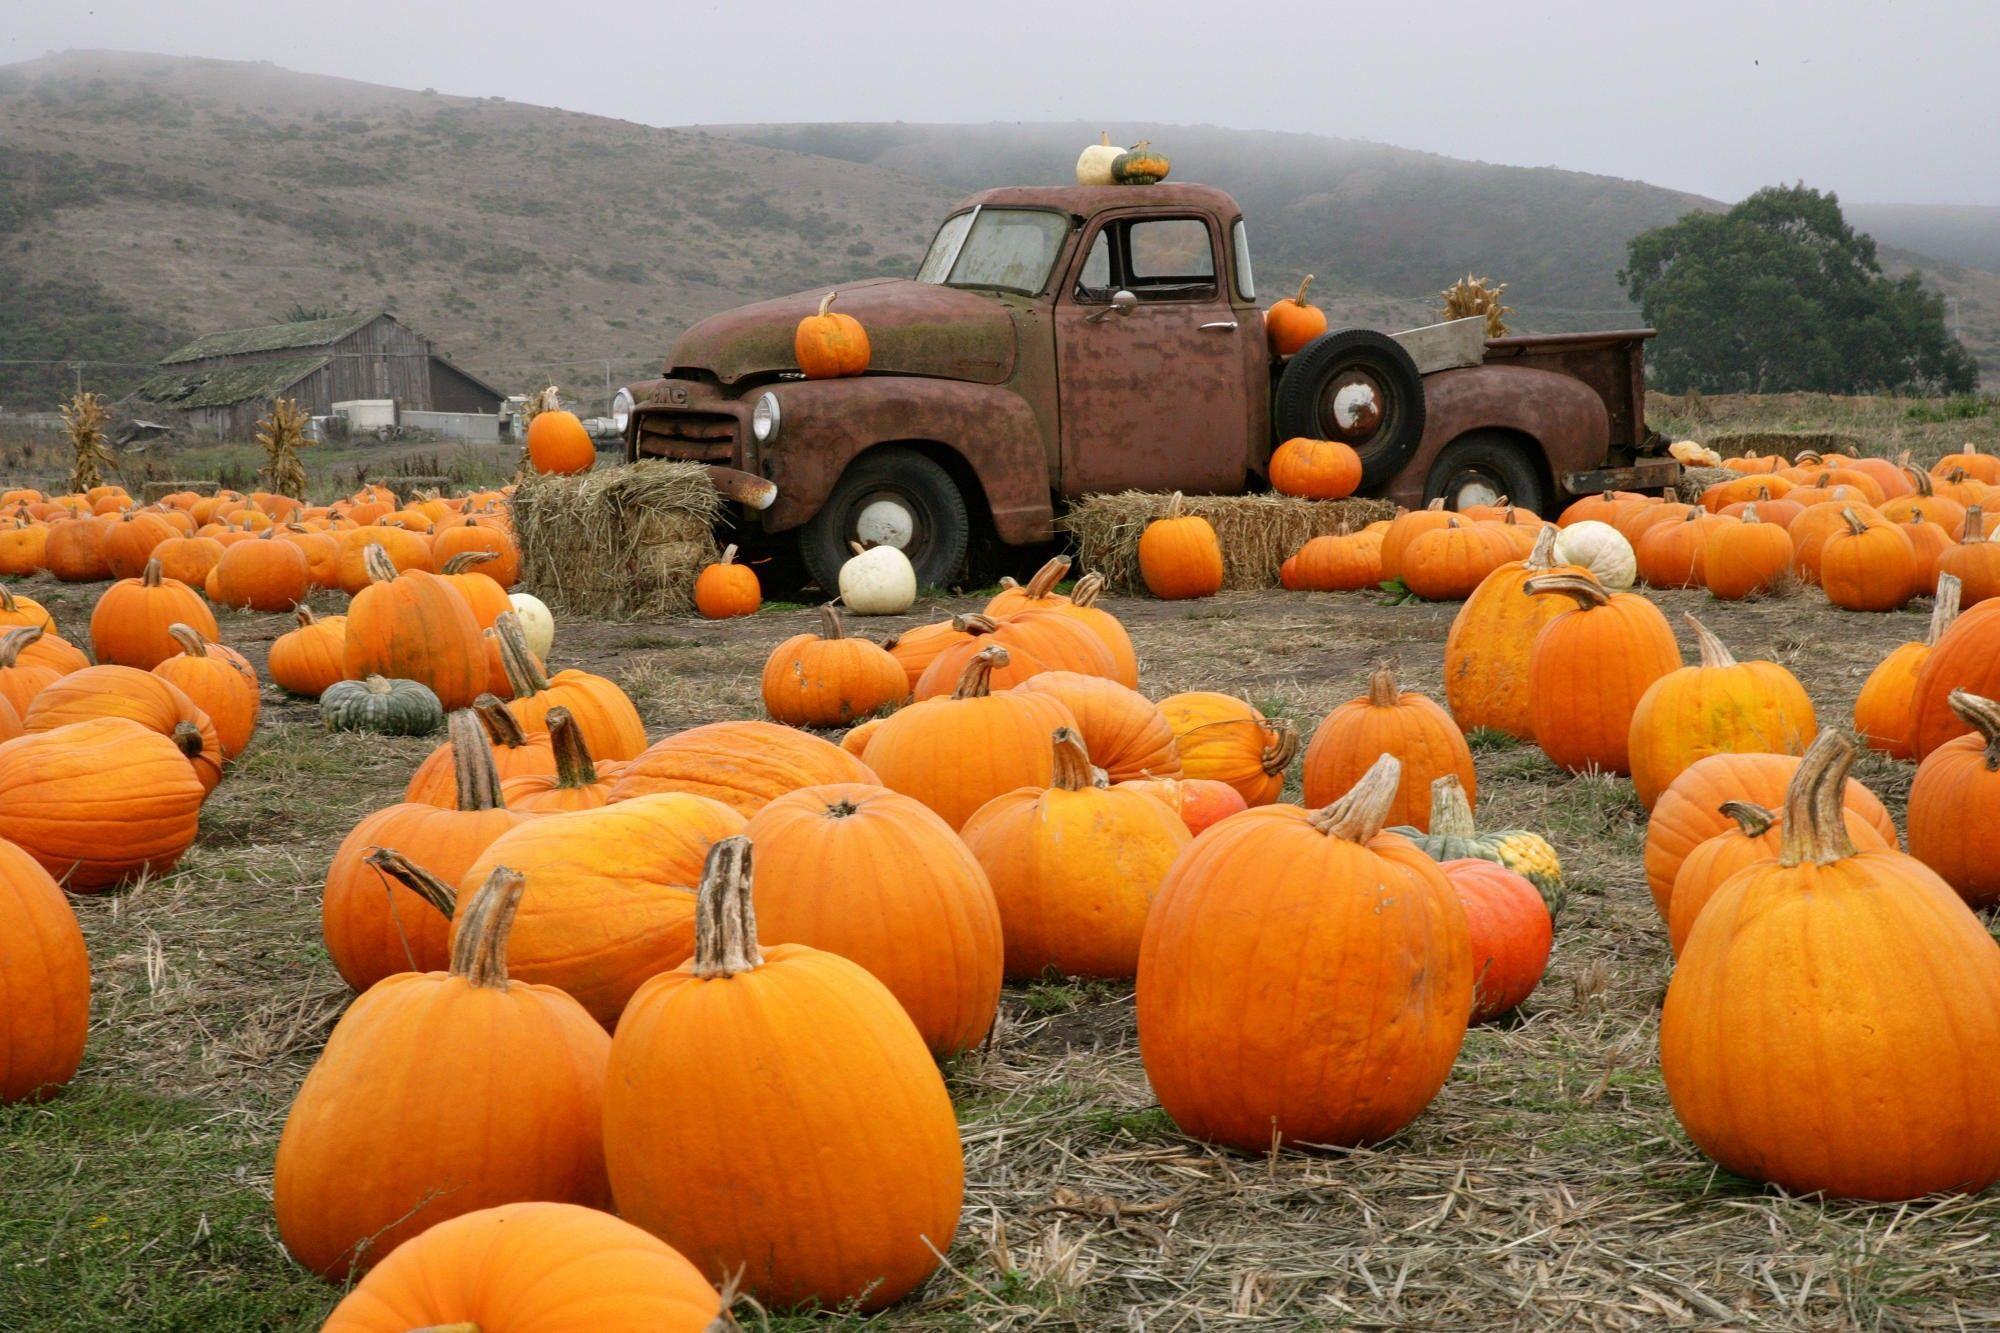 pumpkin patch wallpaper 73451